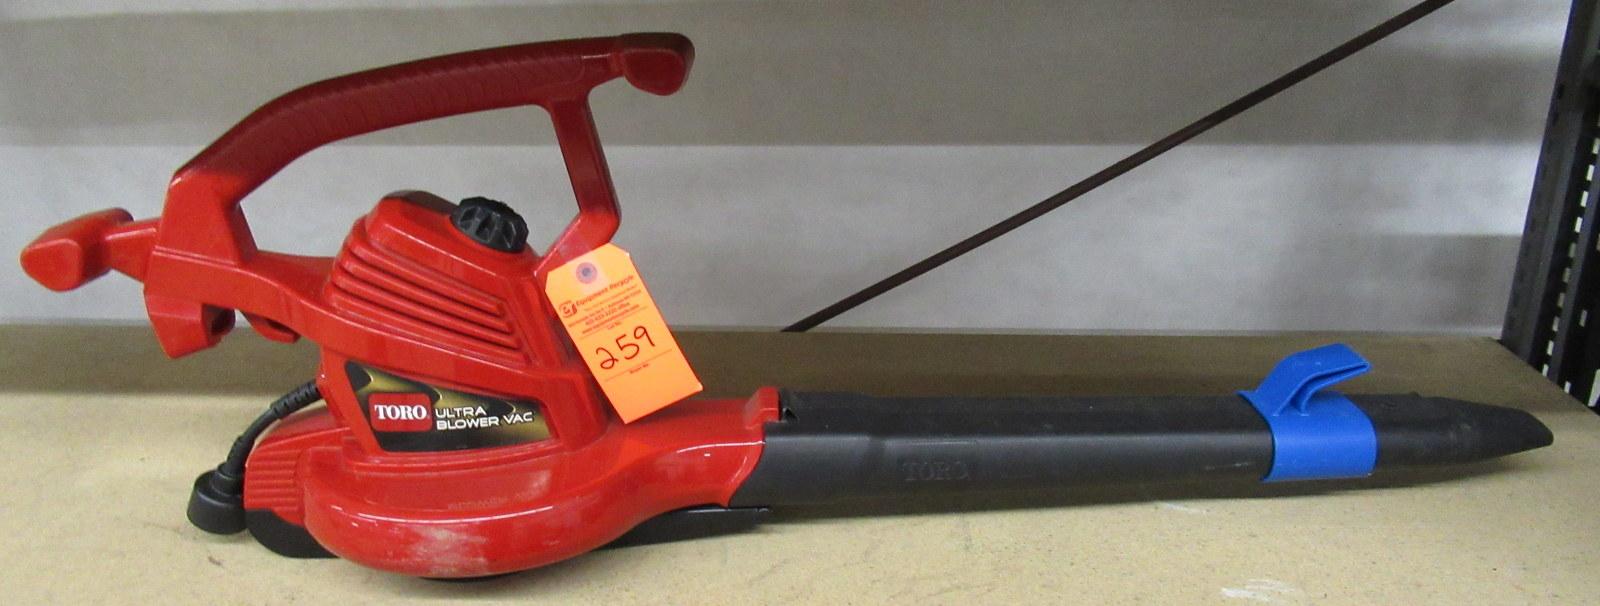 Lot 259 - Toro 51619 Ultra Blower Vac